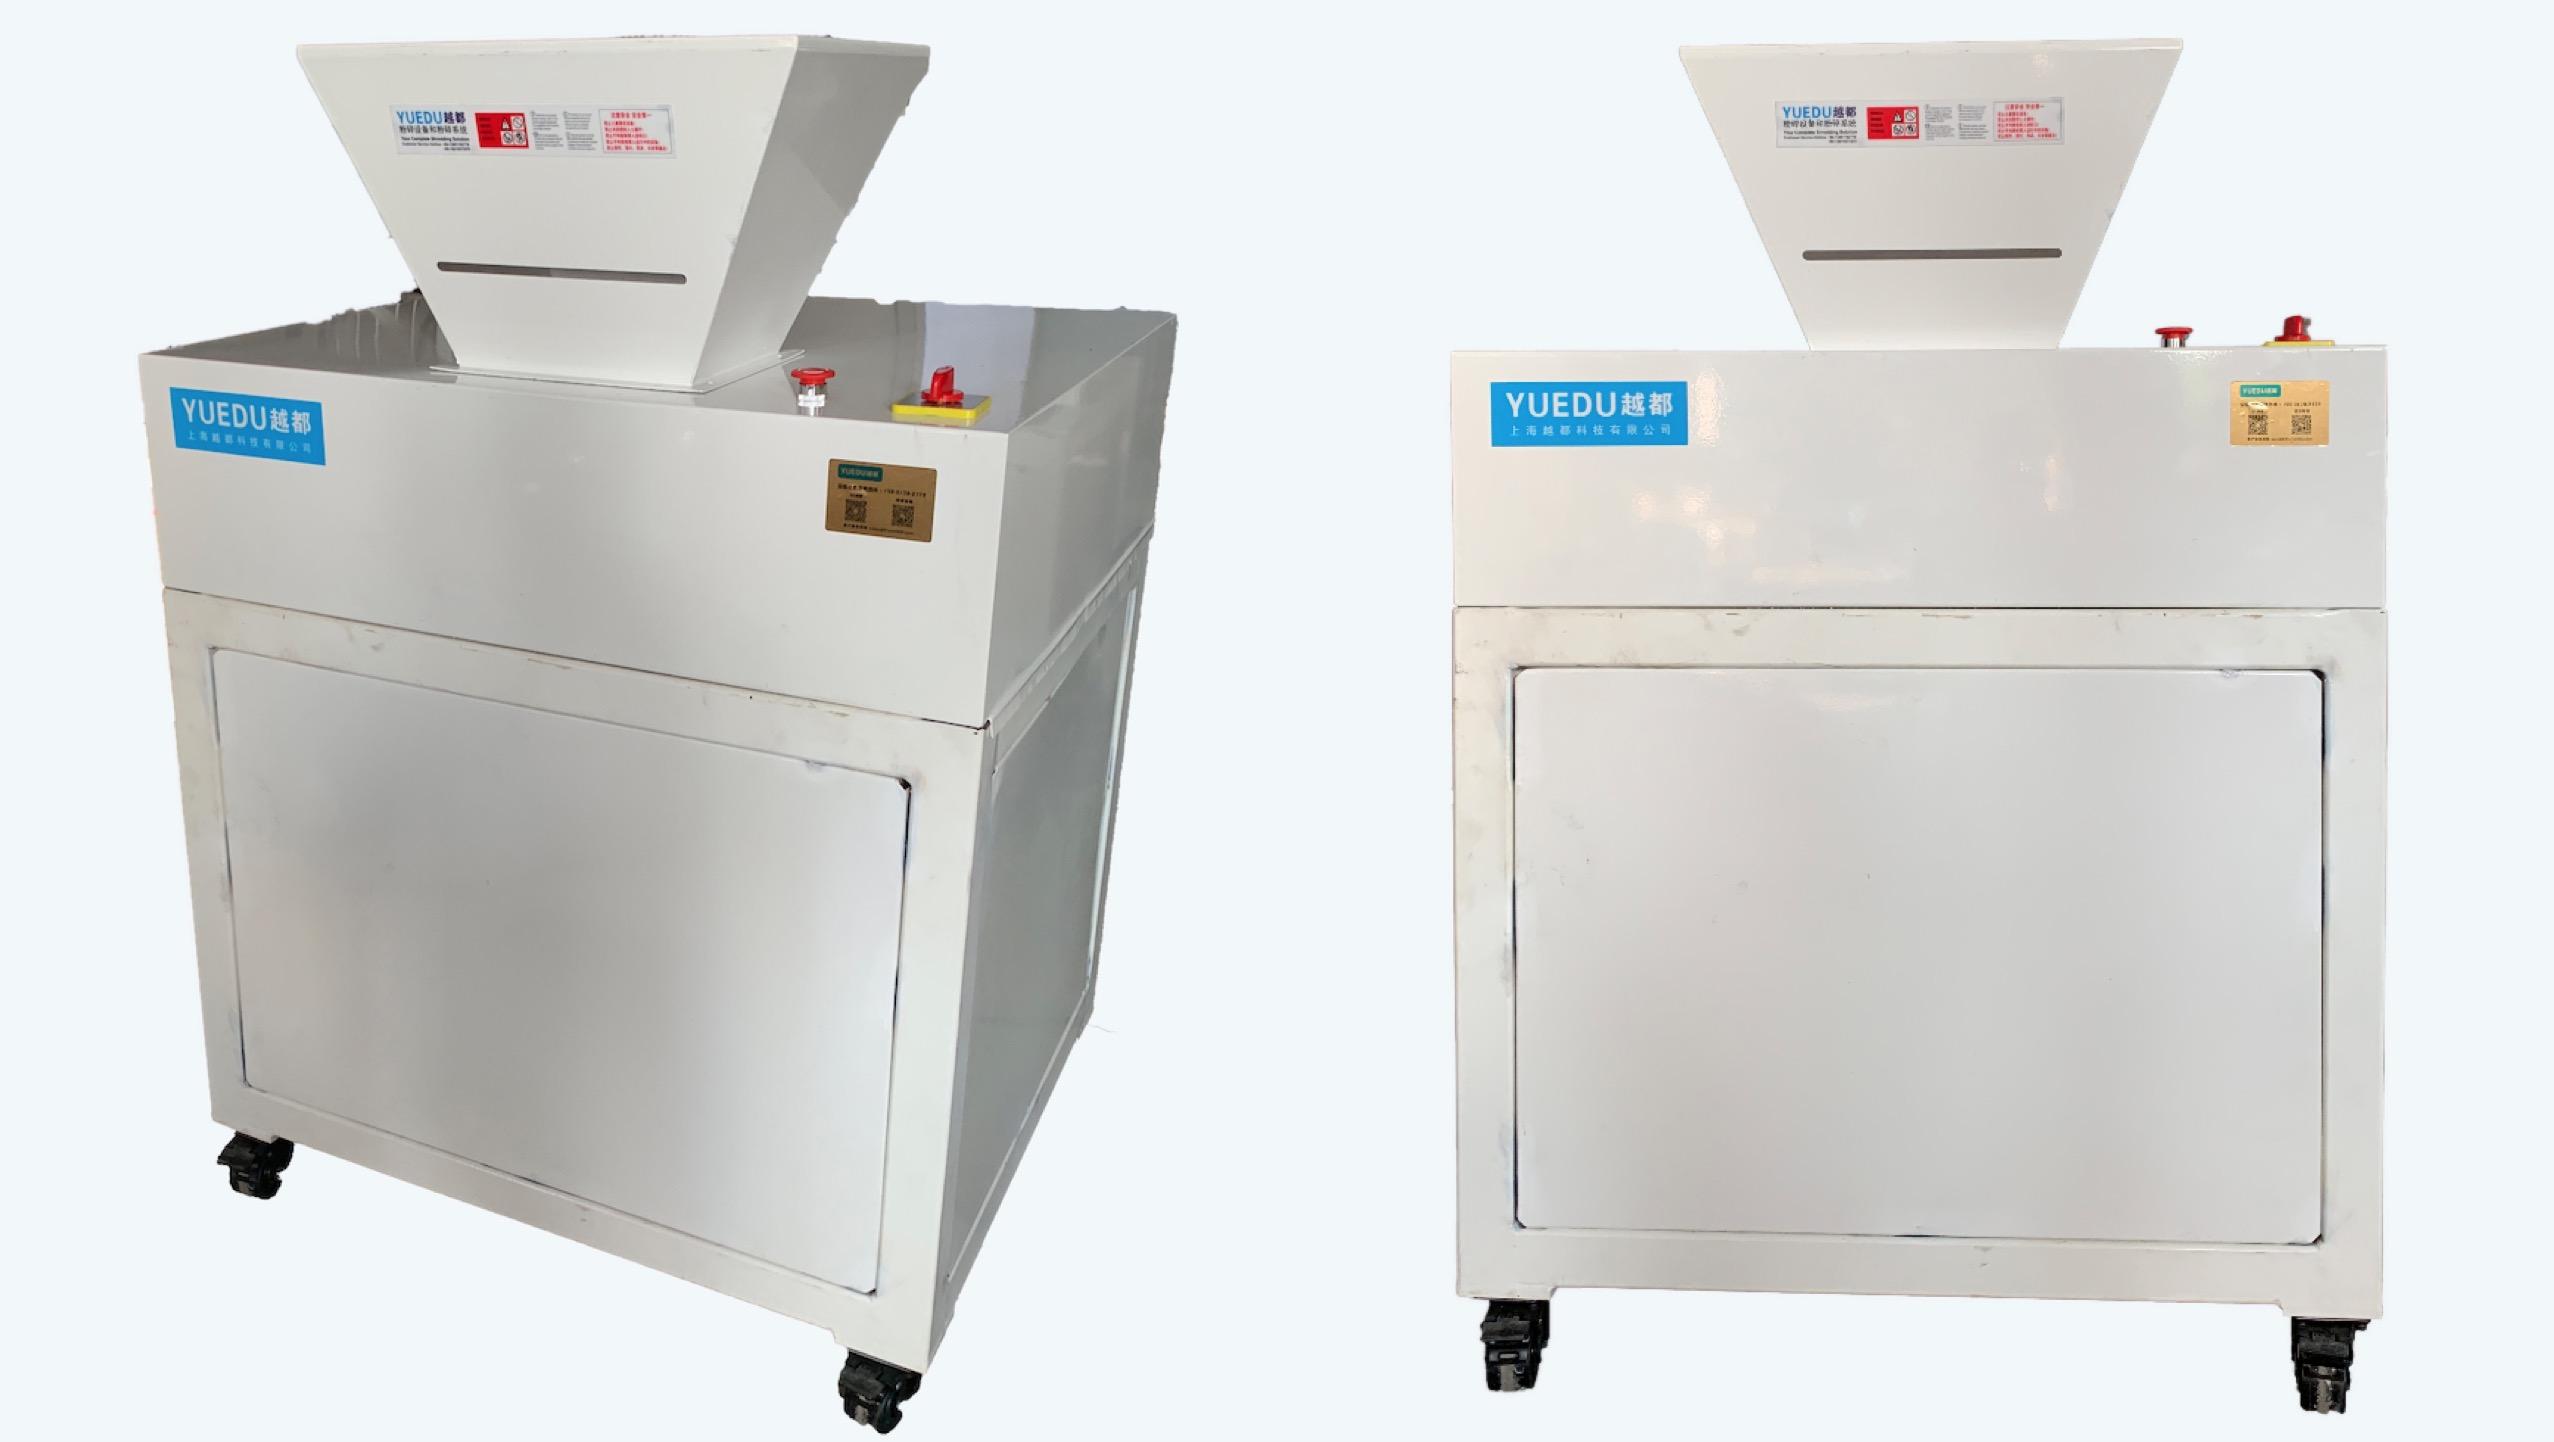 上海越都科技 YD-PSJ300机型大型碎纸机,工业用粉碎机 敞口进料 每次200张